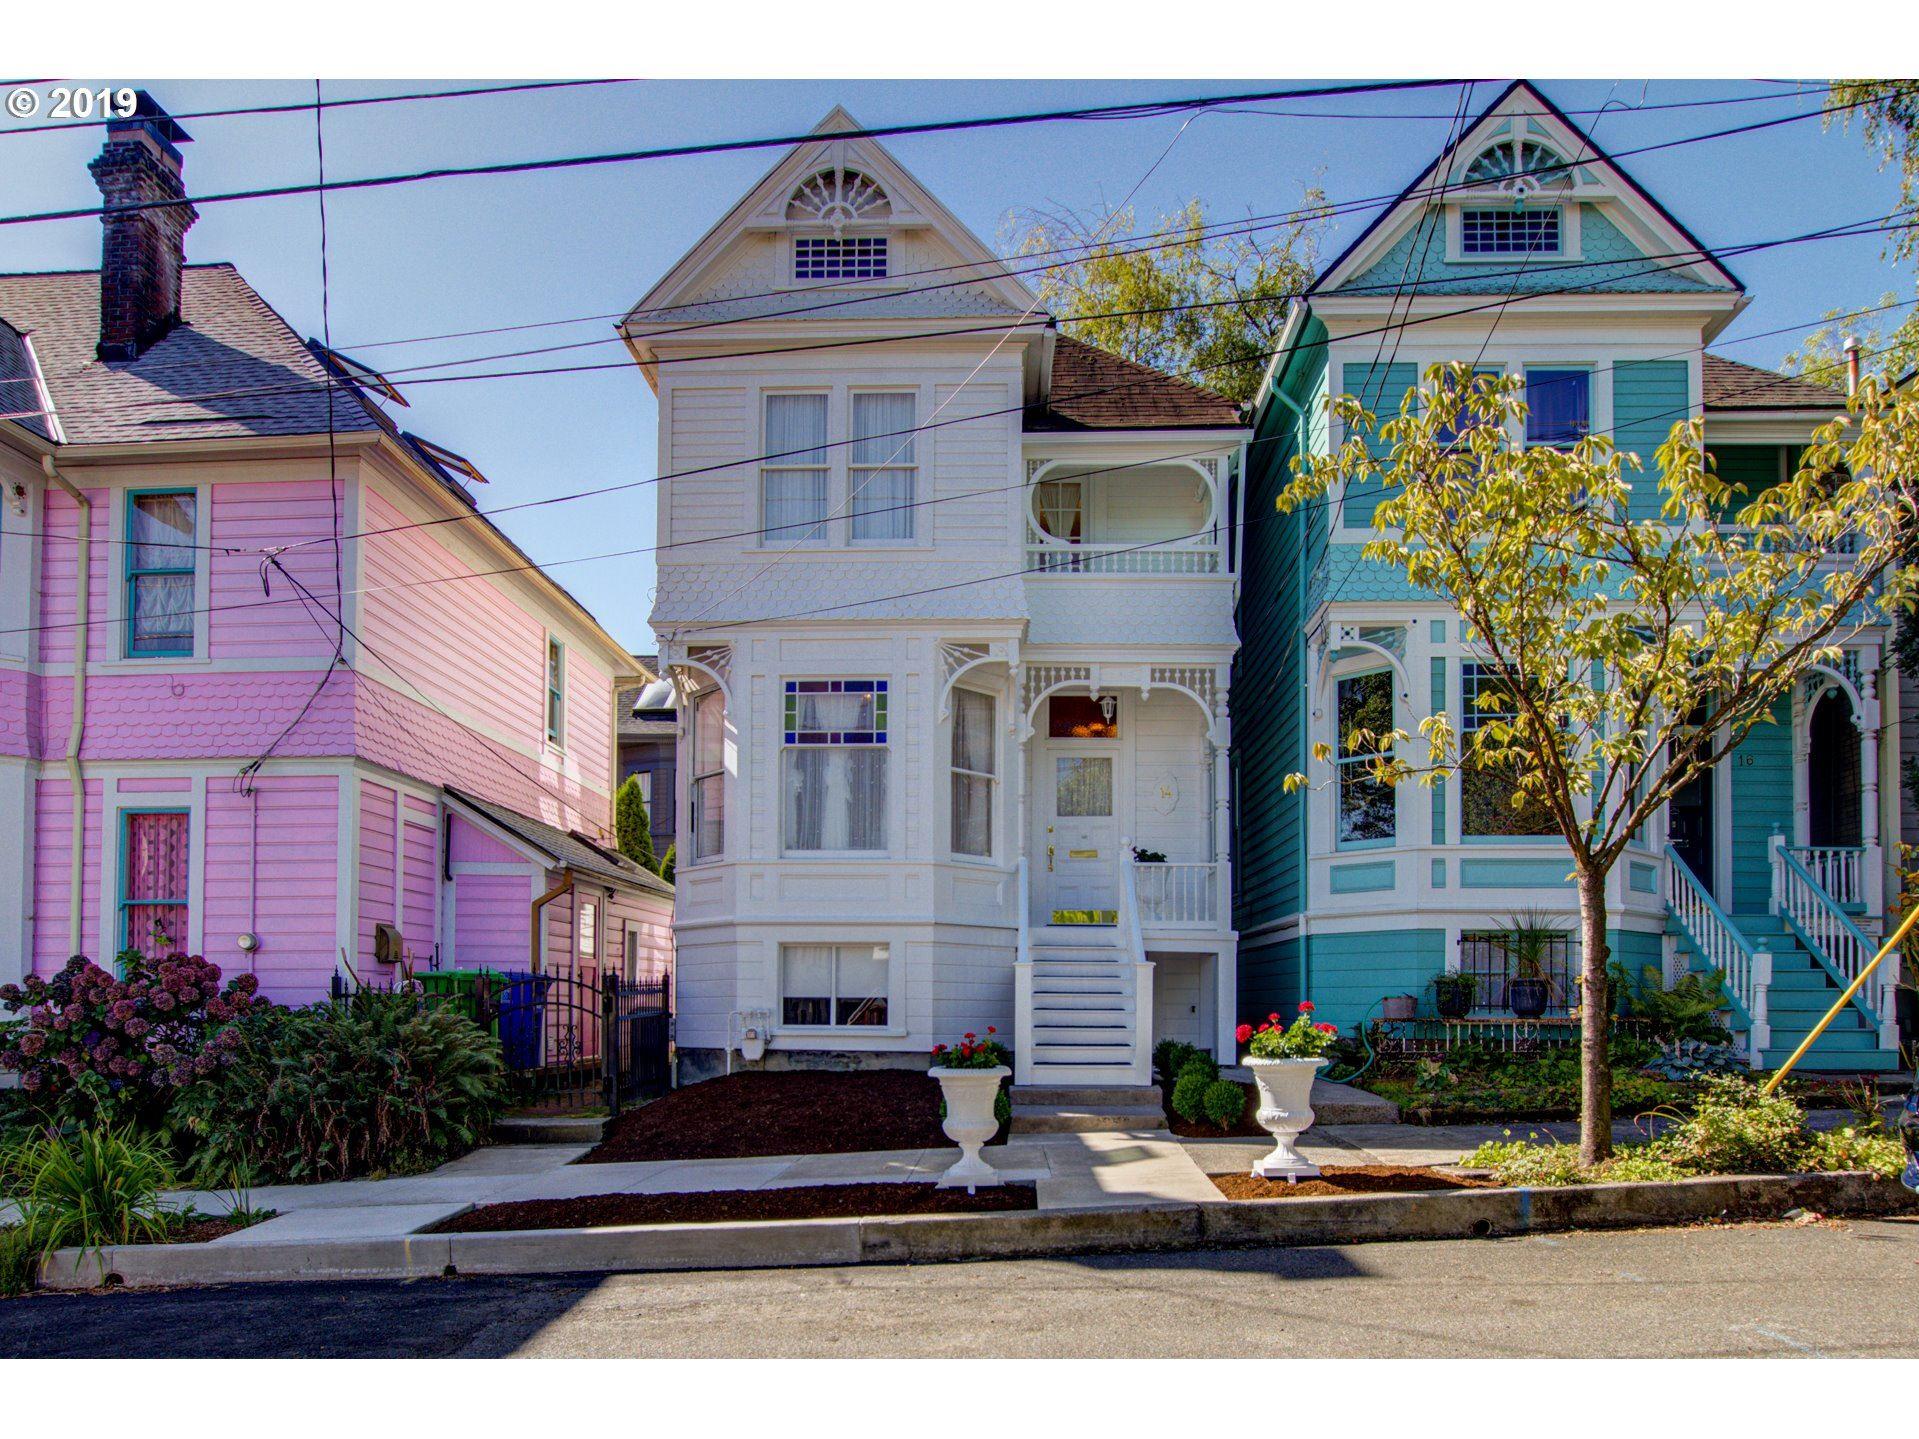 14 SW WHITAKER ST, Portland, OR 97239 - MLS#: 20074267